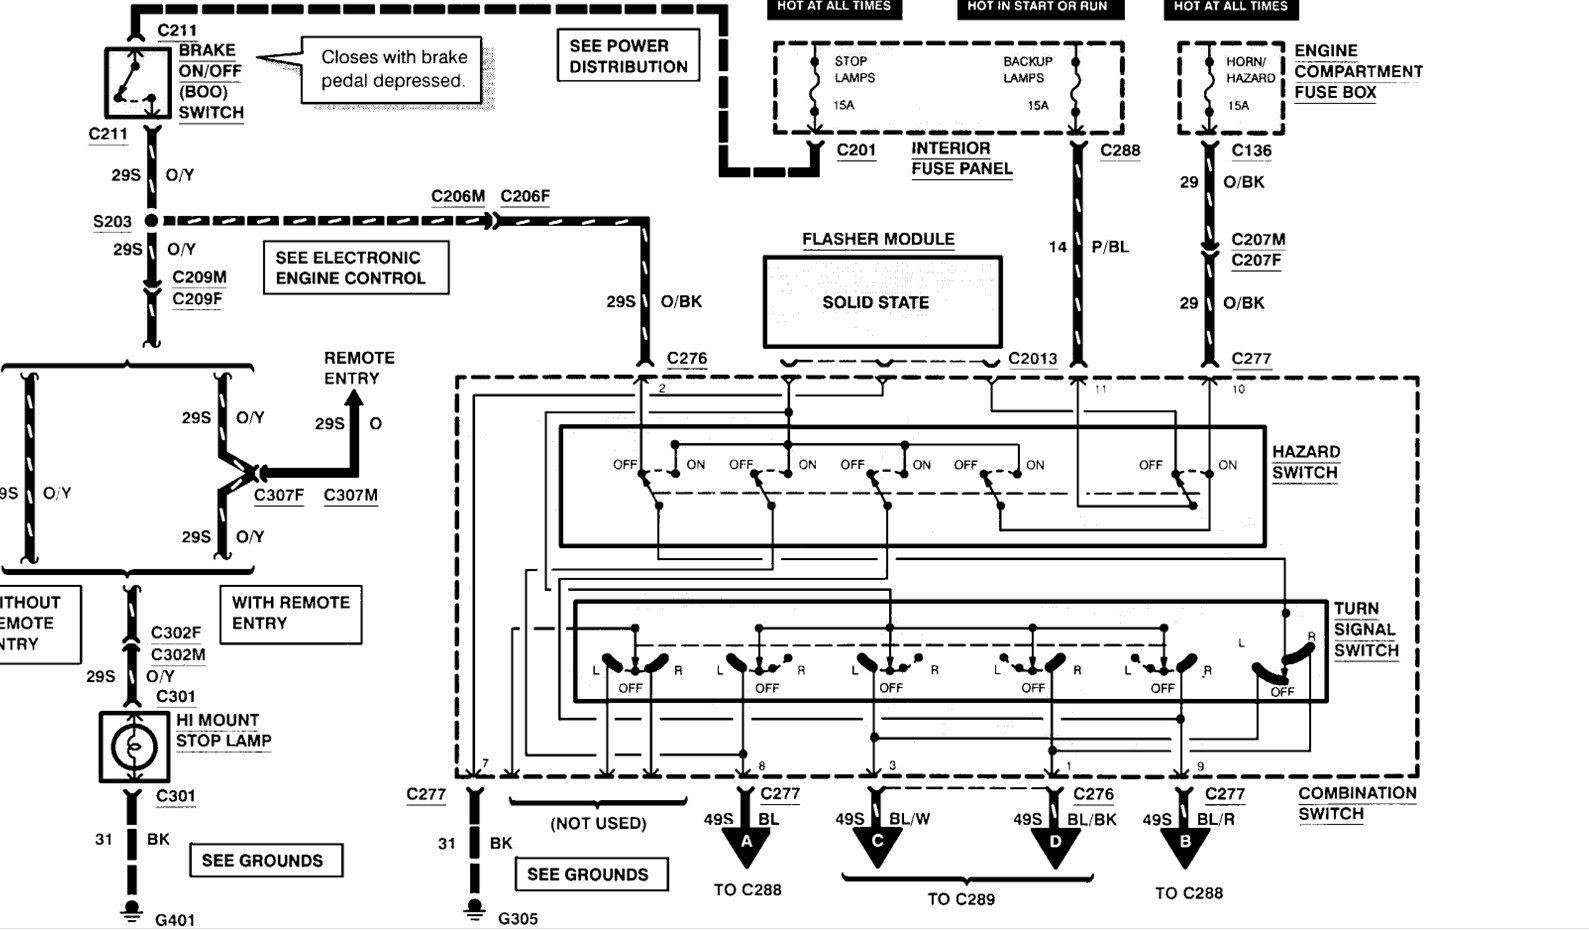 Wiring Diagram PDF: 2003 Contour Wiring Diagram